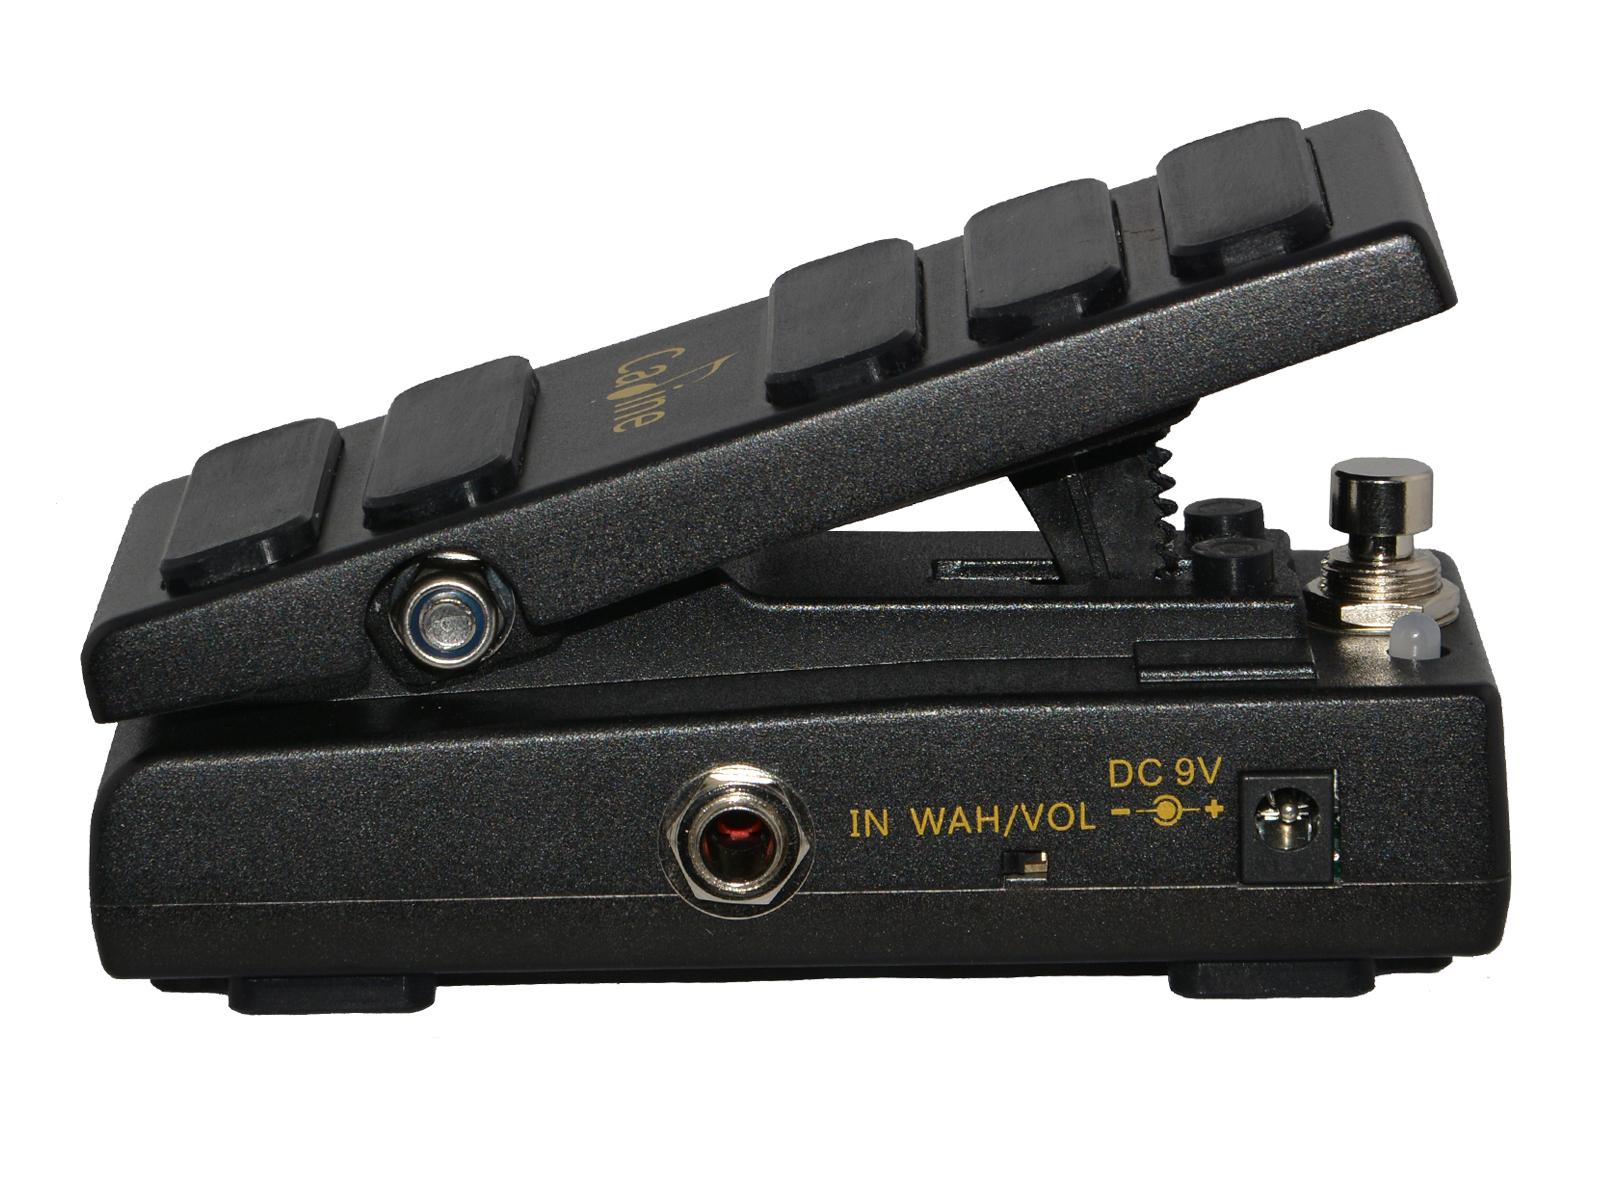 Caline серии CP-24 CP-25 CP-26 CP-27. искажение перегрузки гитарные эффекты аналоговая задержка реверберации сжатия recording.High производительности